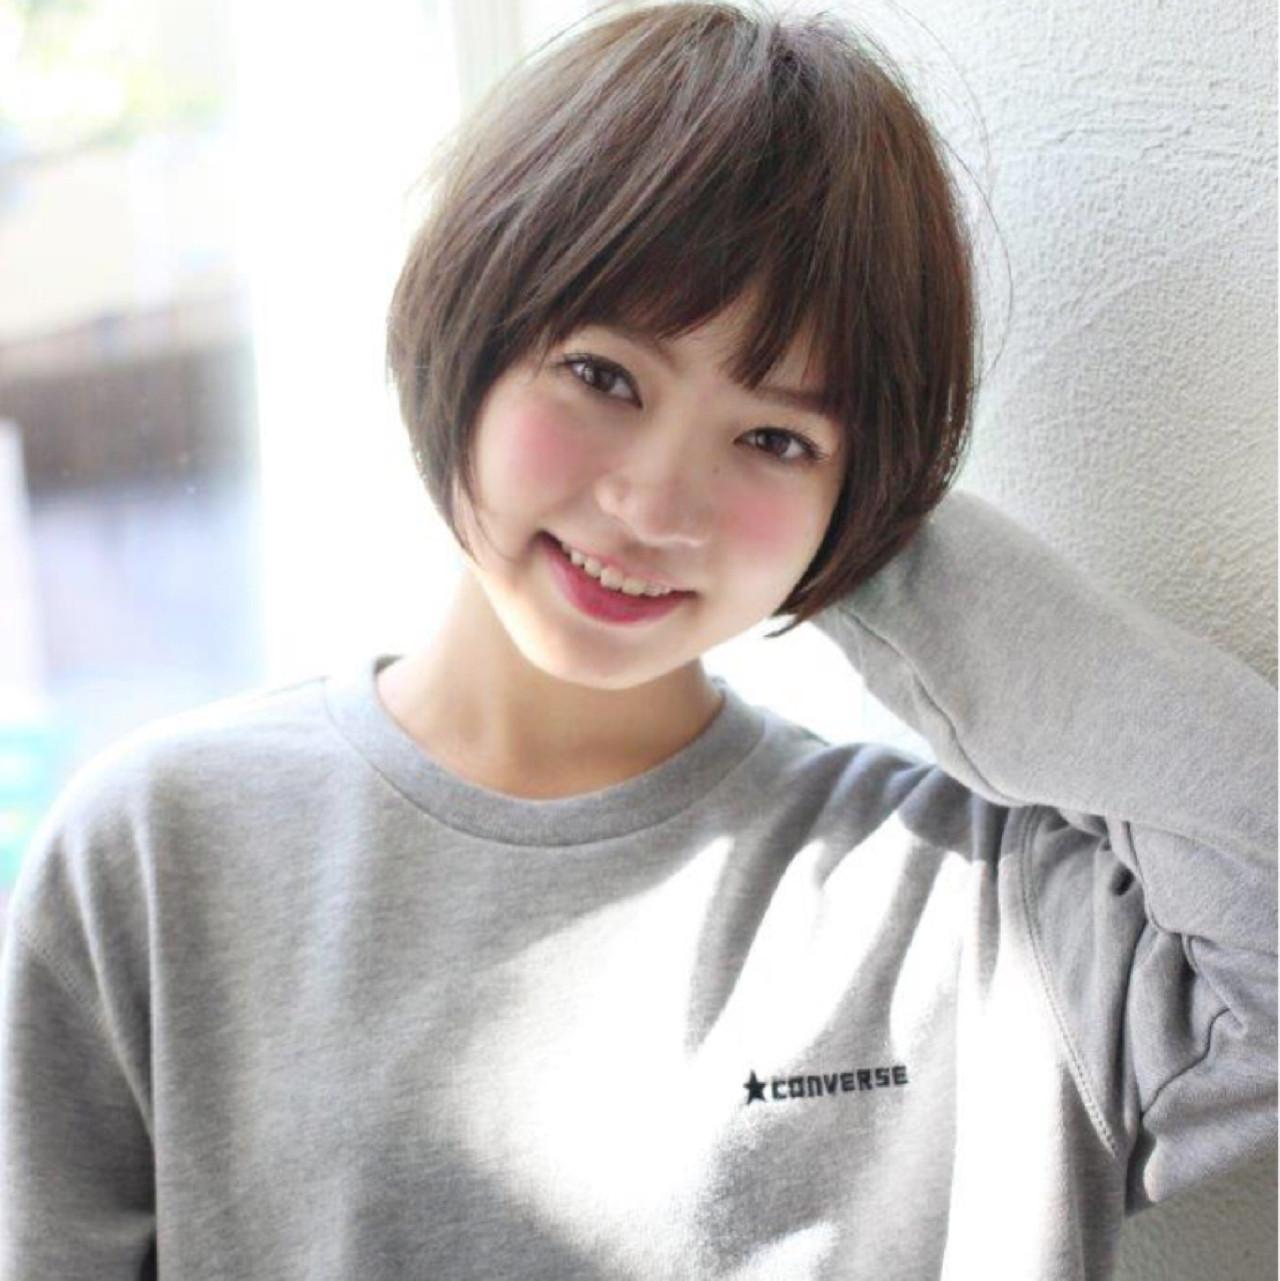 ショート 黒髪 色気 小顔 ヘアスタイルや髪型の写真・画像 | 切りっぱなしレイヤー&パーマ Un ami 増永 / Un ami omotesando